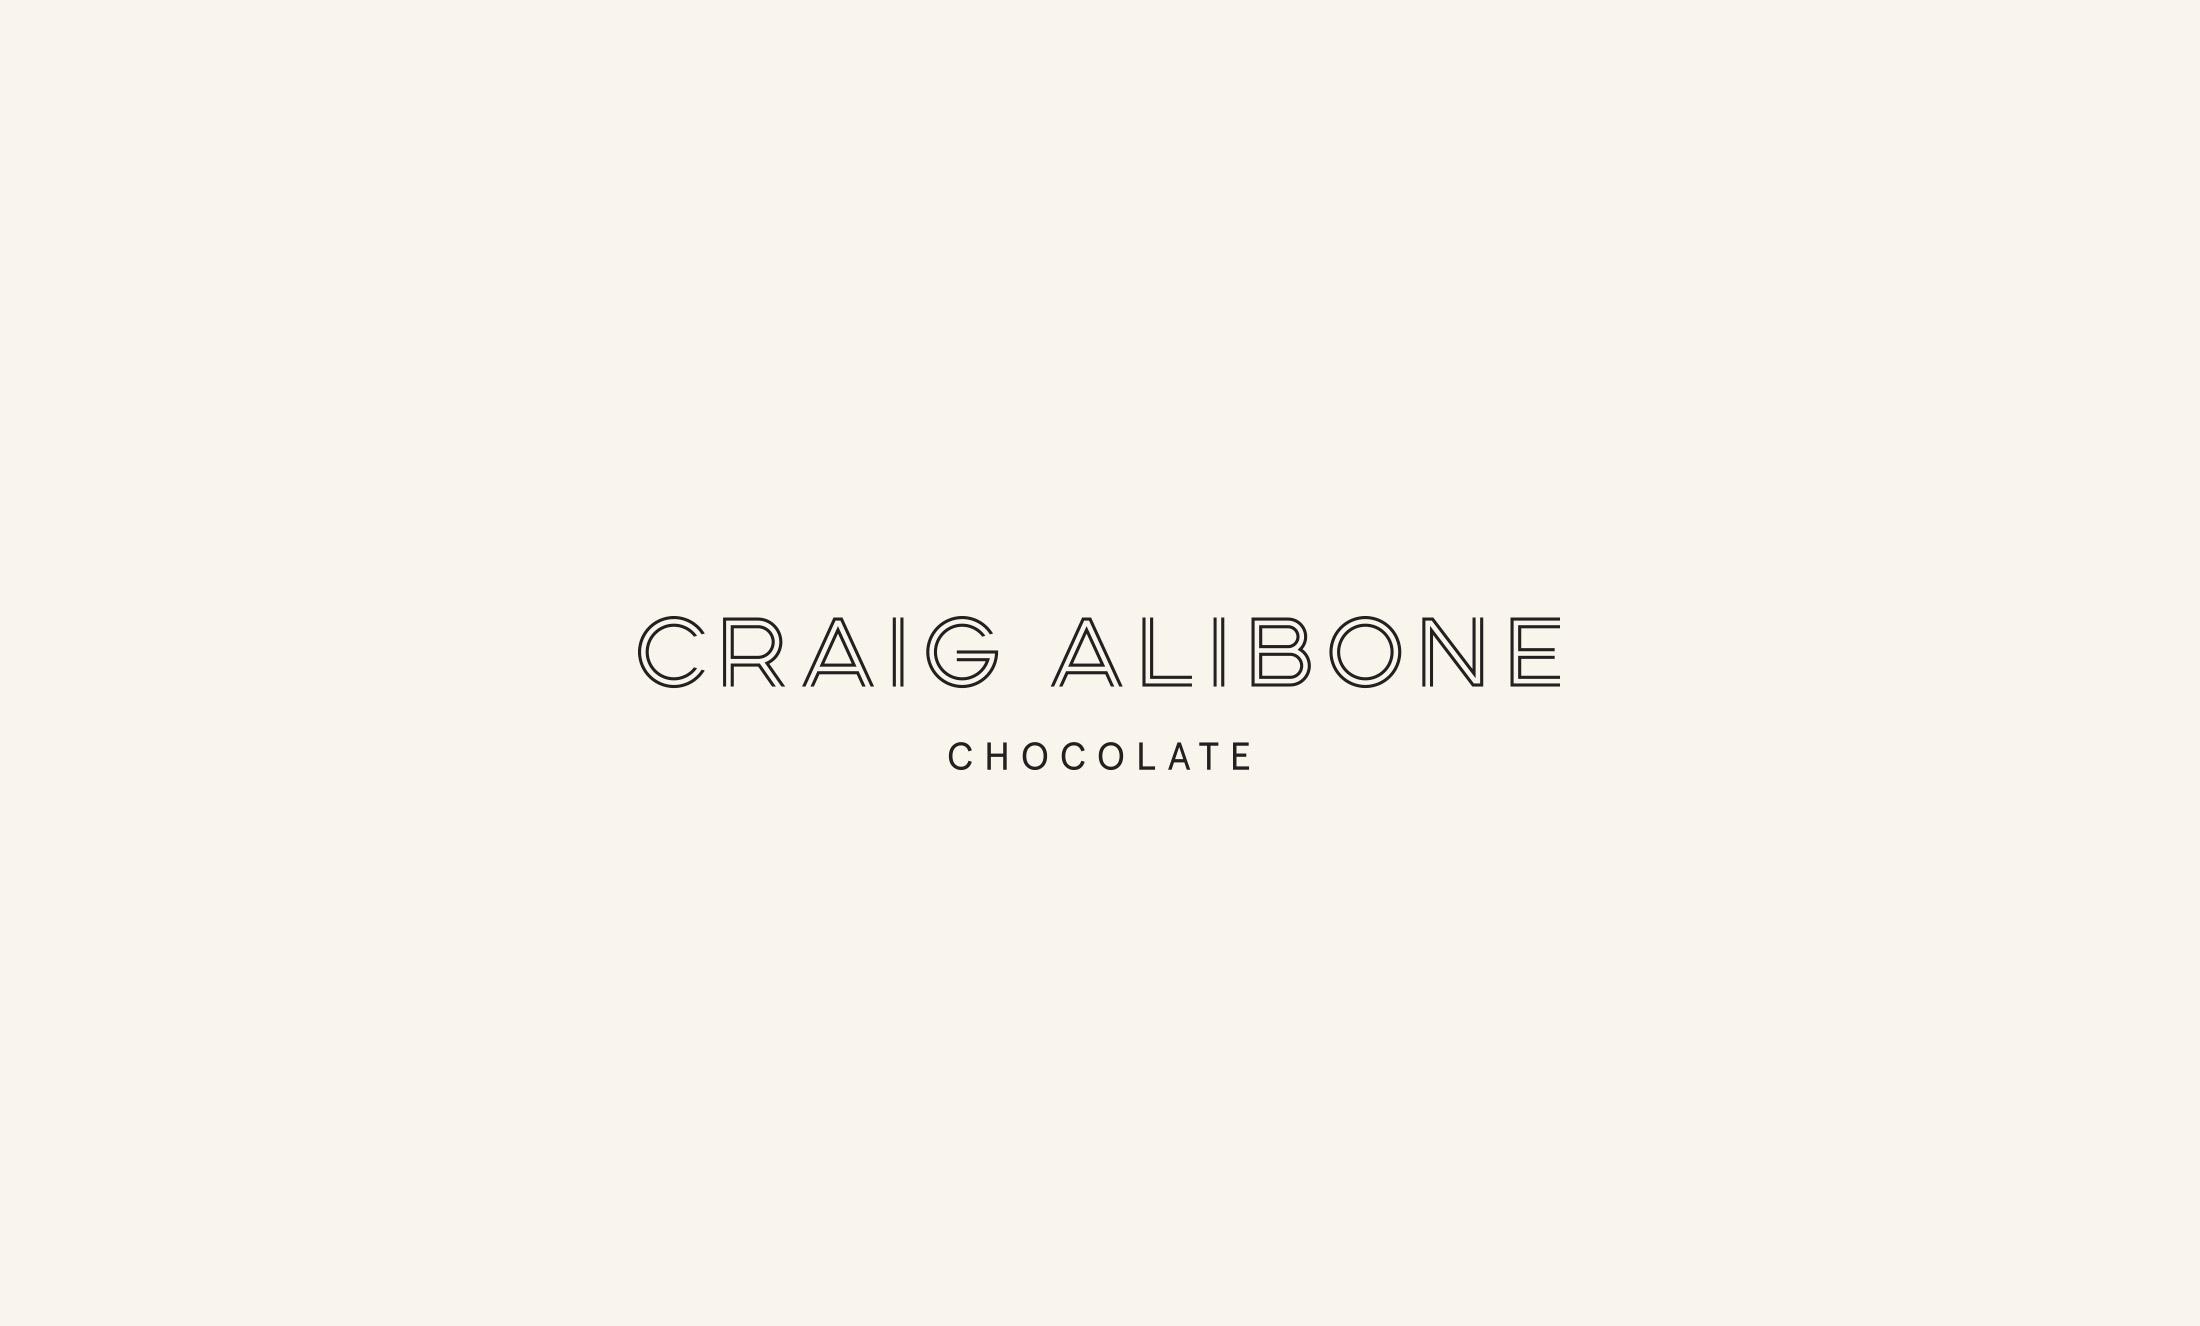 Craig Alibone Chocolate 品牌推广插图(13)